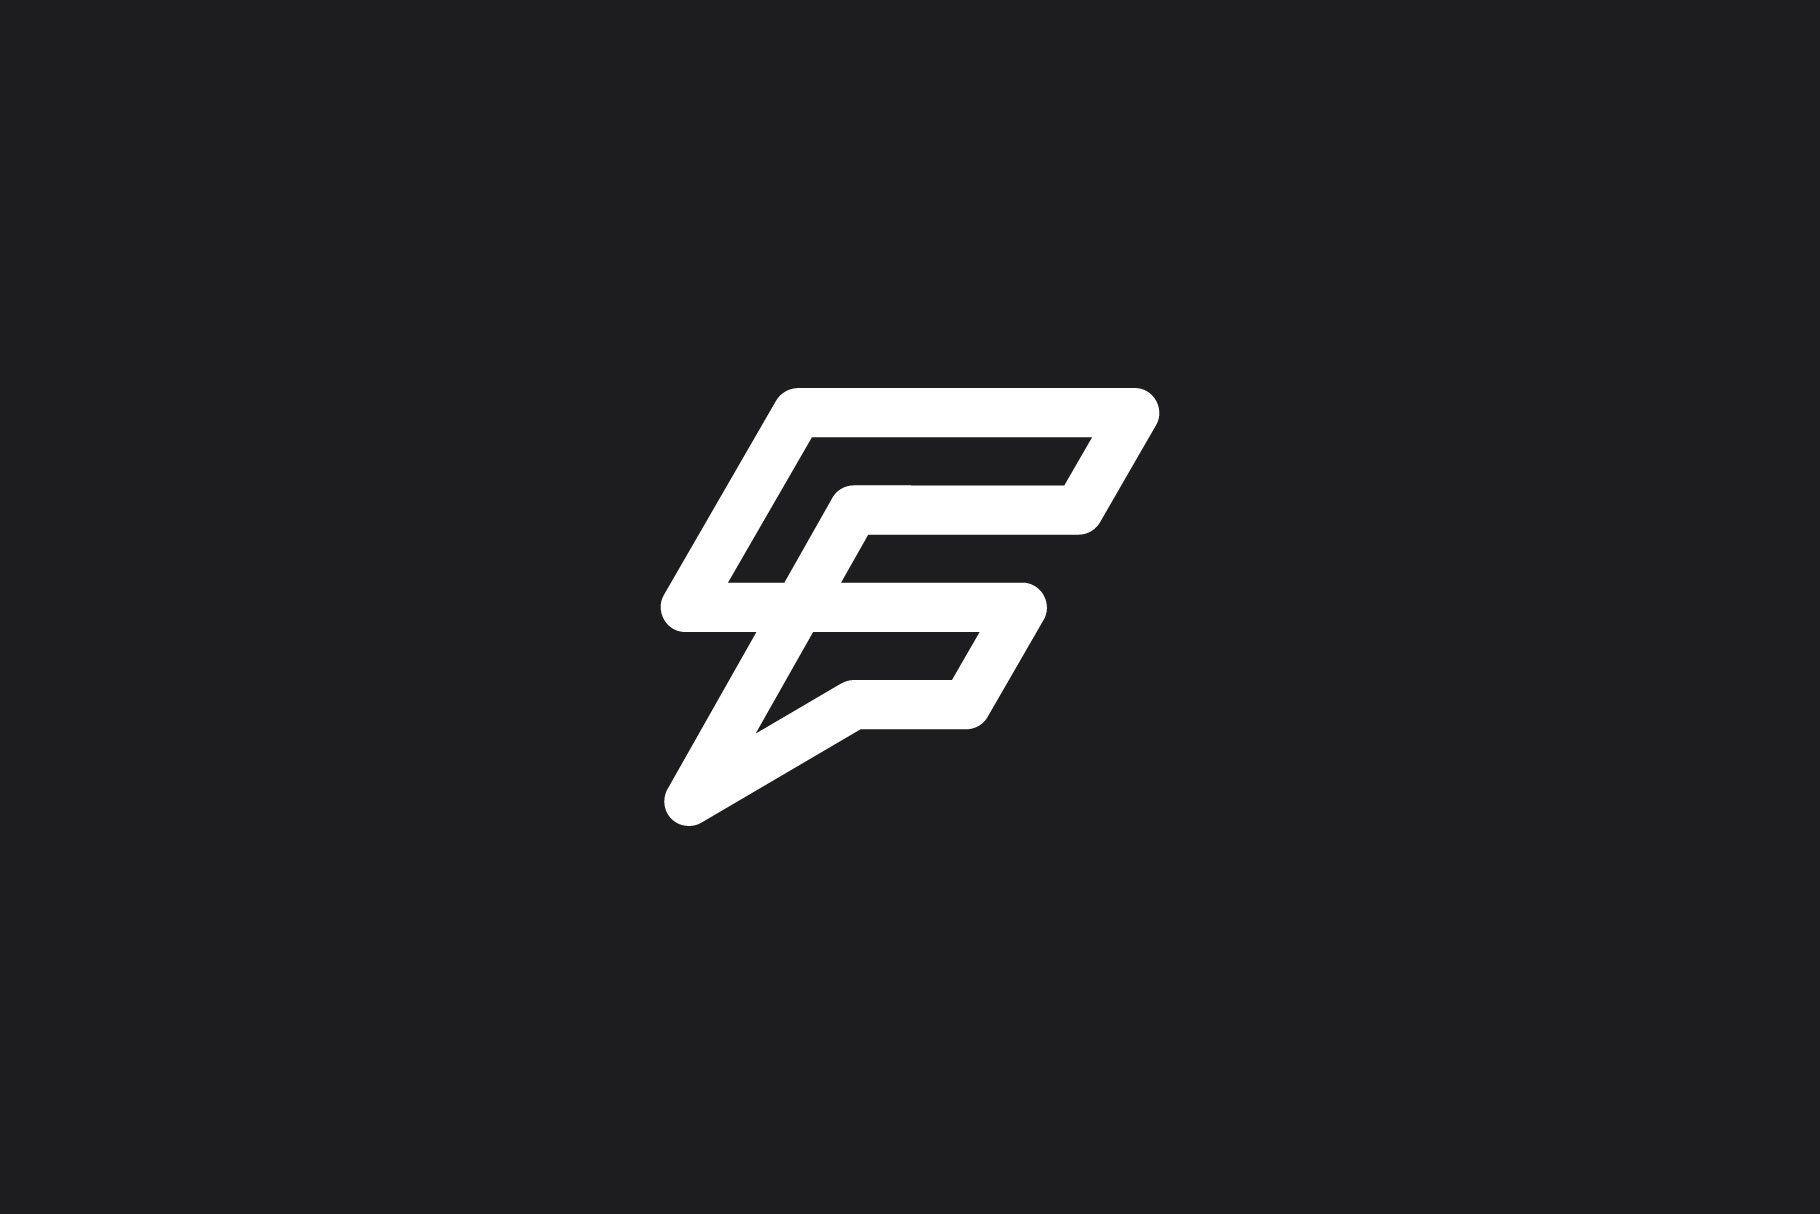 F Lettermark Lettermark Logos Sports Logo Design Lettermark